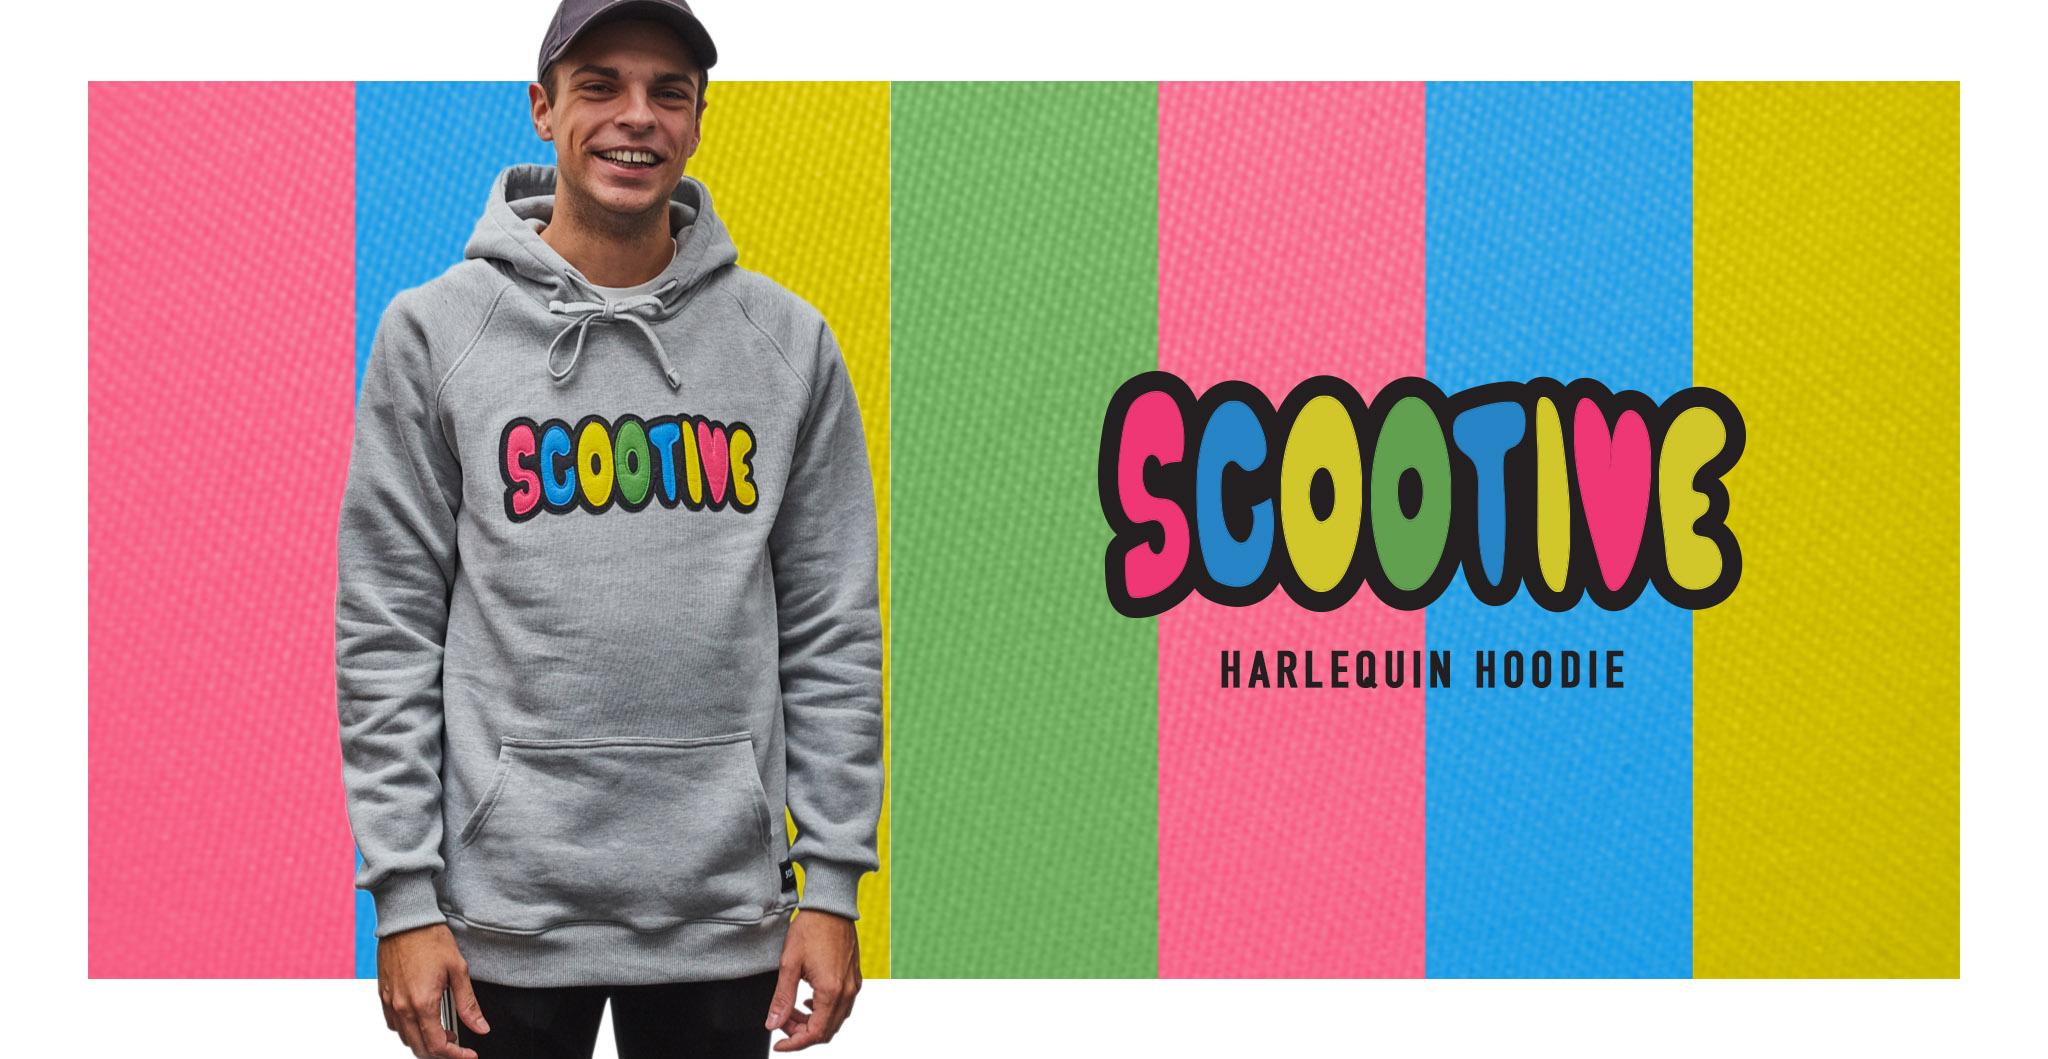 Scootive News: BLUZA SCOOTIVE HARLEQUIN